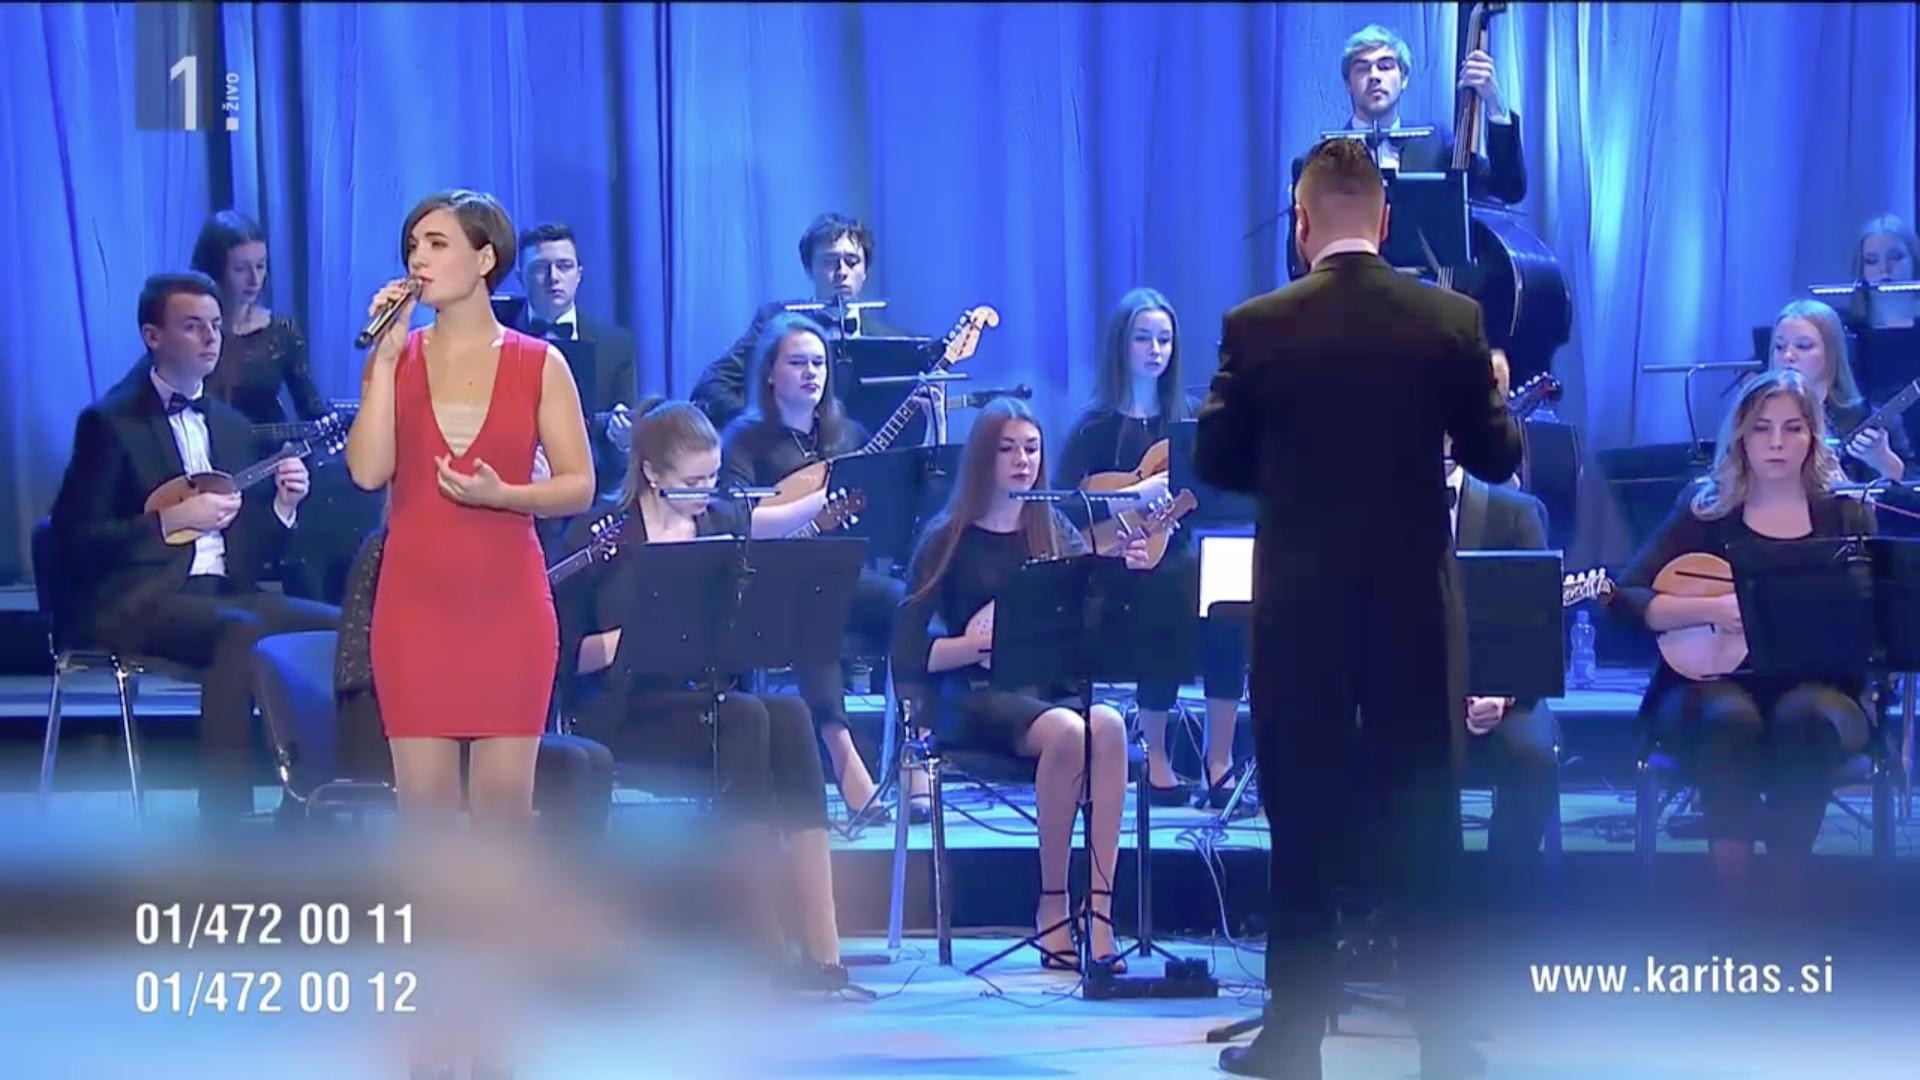 Concert de la Caritas slovène, capture, 25 nov. 2020